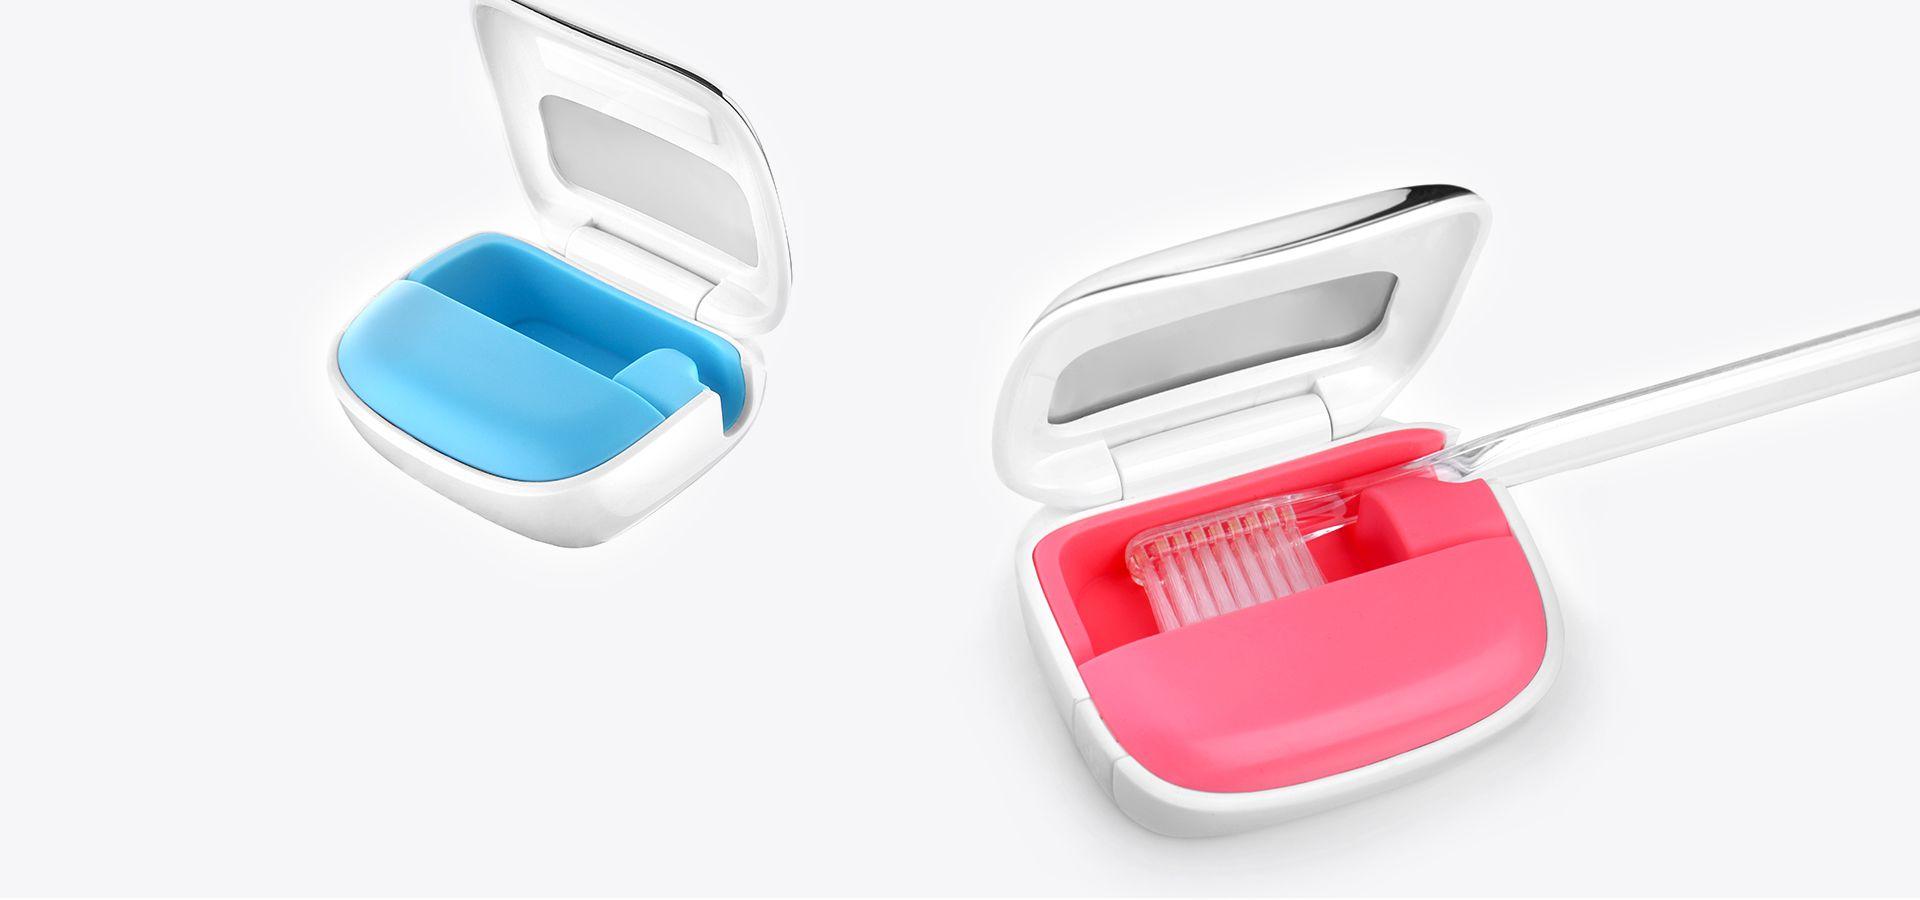 便携式消毒牙刷盒